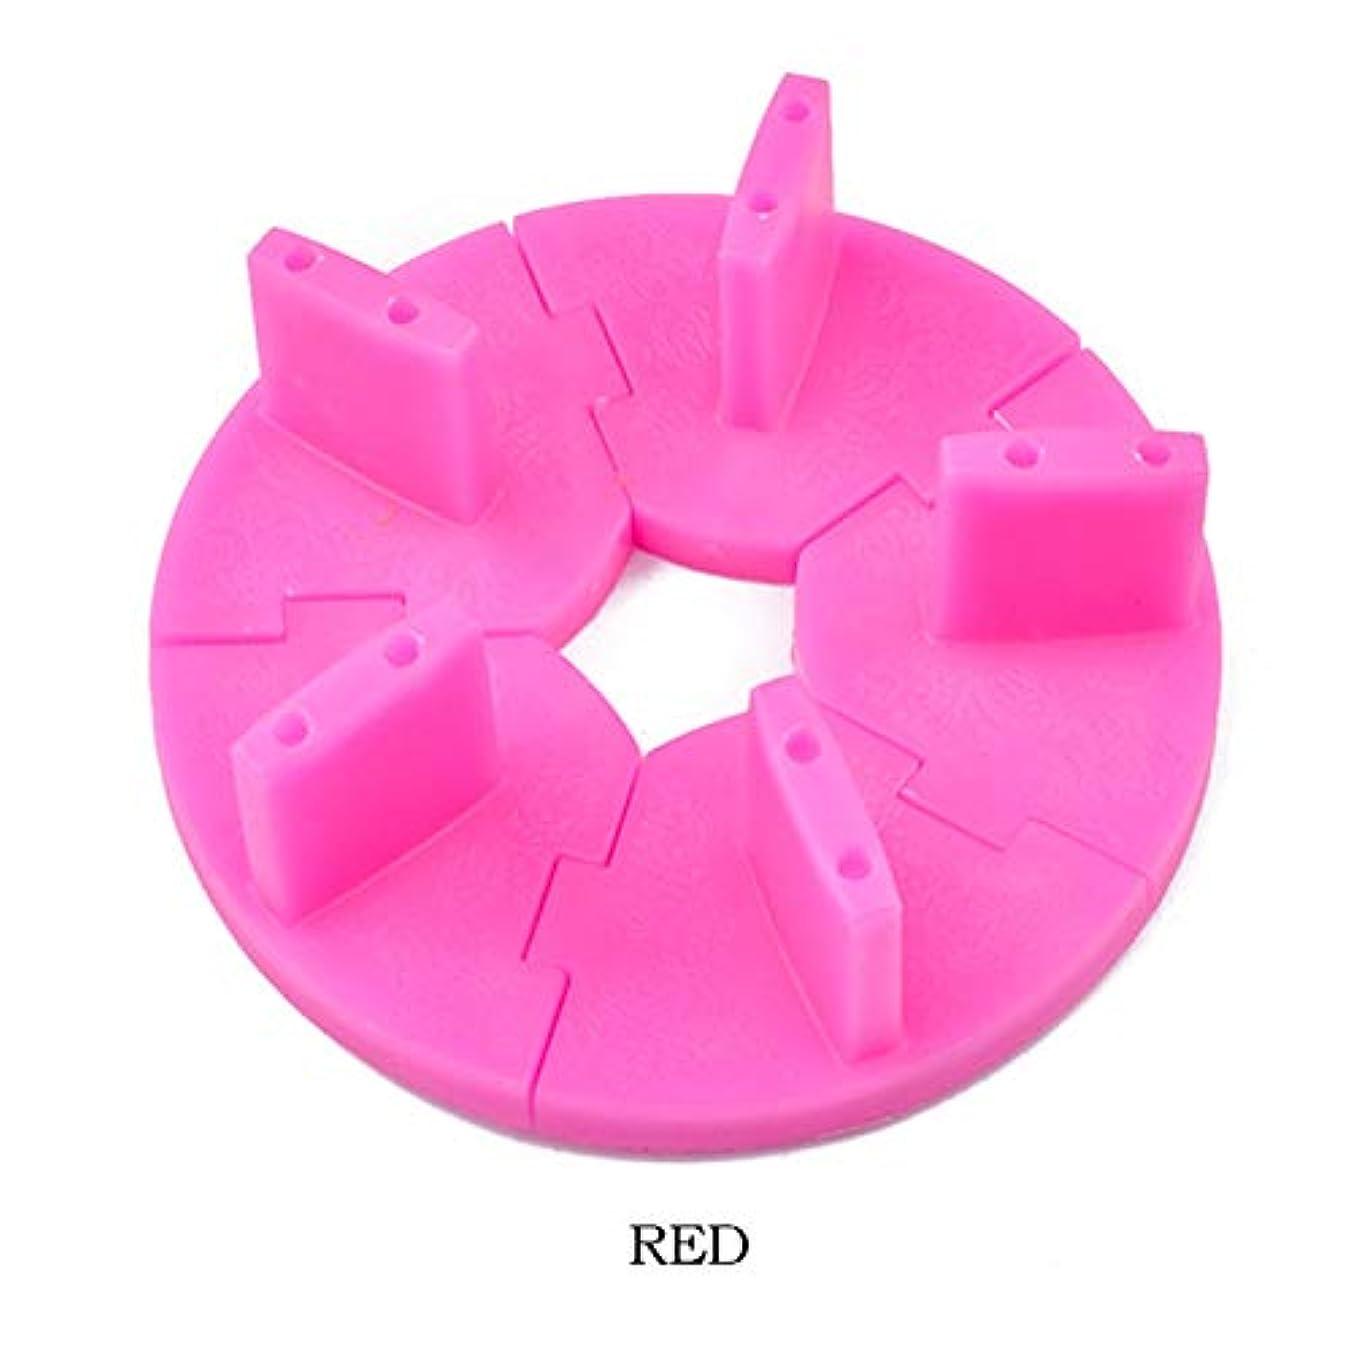 クック方法論妻ICYCHEERプラスチックネイルアートの表示シート取り外し可能ロータストレーニングフレームDIYのヒント練習 (Red)